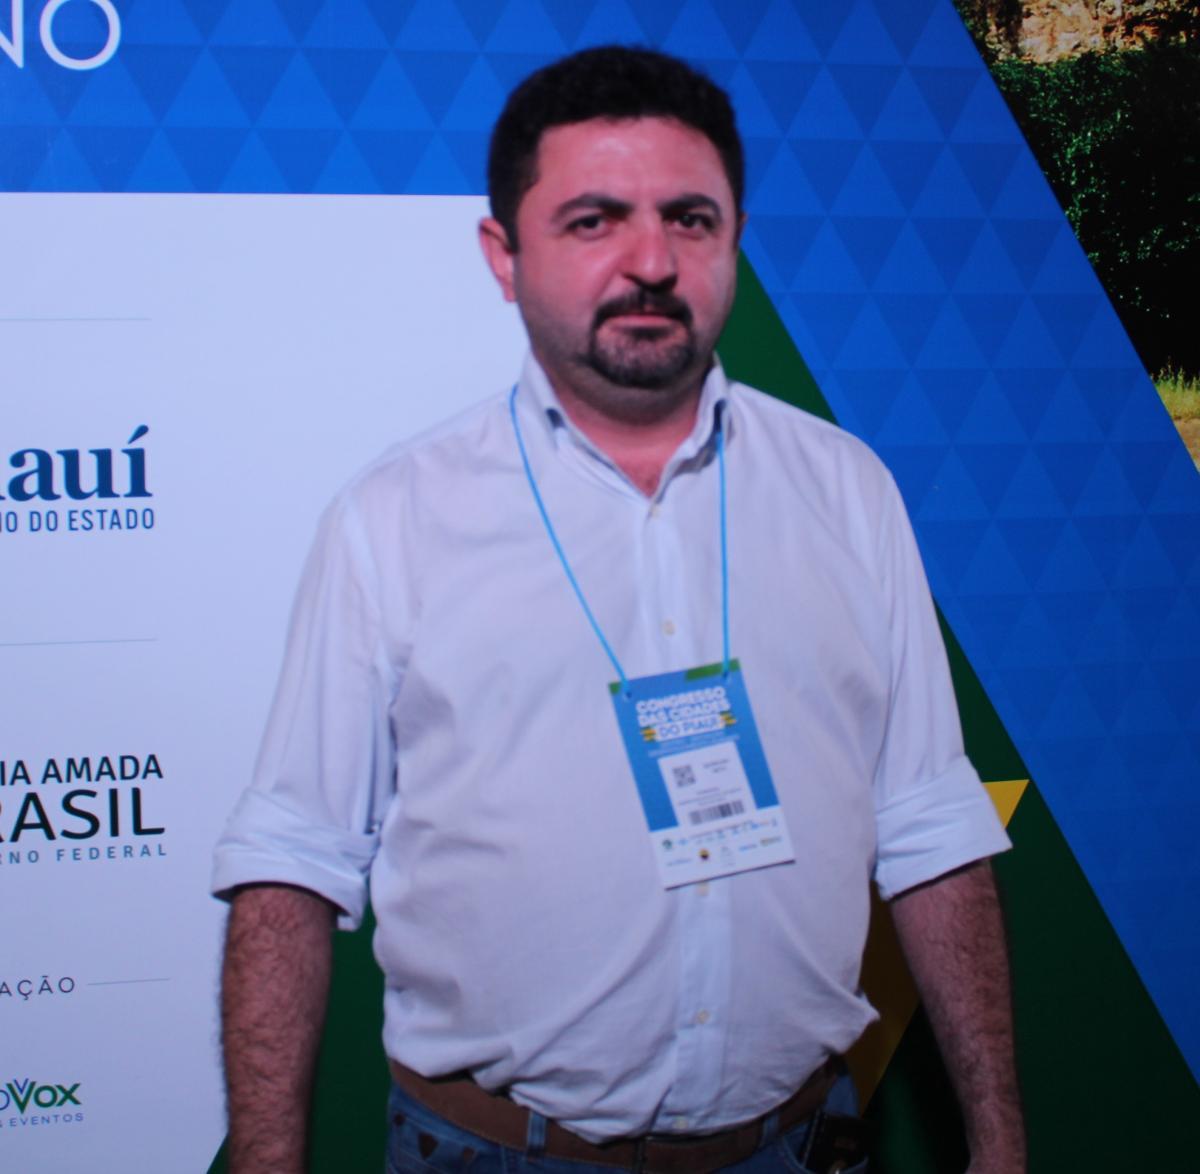 Prefeito de Santa Cruz do Piauí, Barroso Neto participa da abertura do Congresso das Cidades